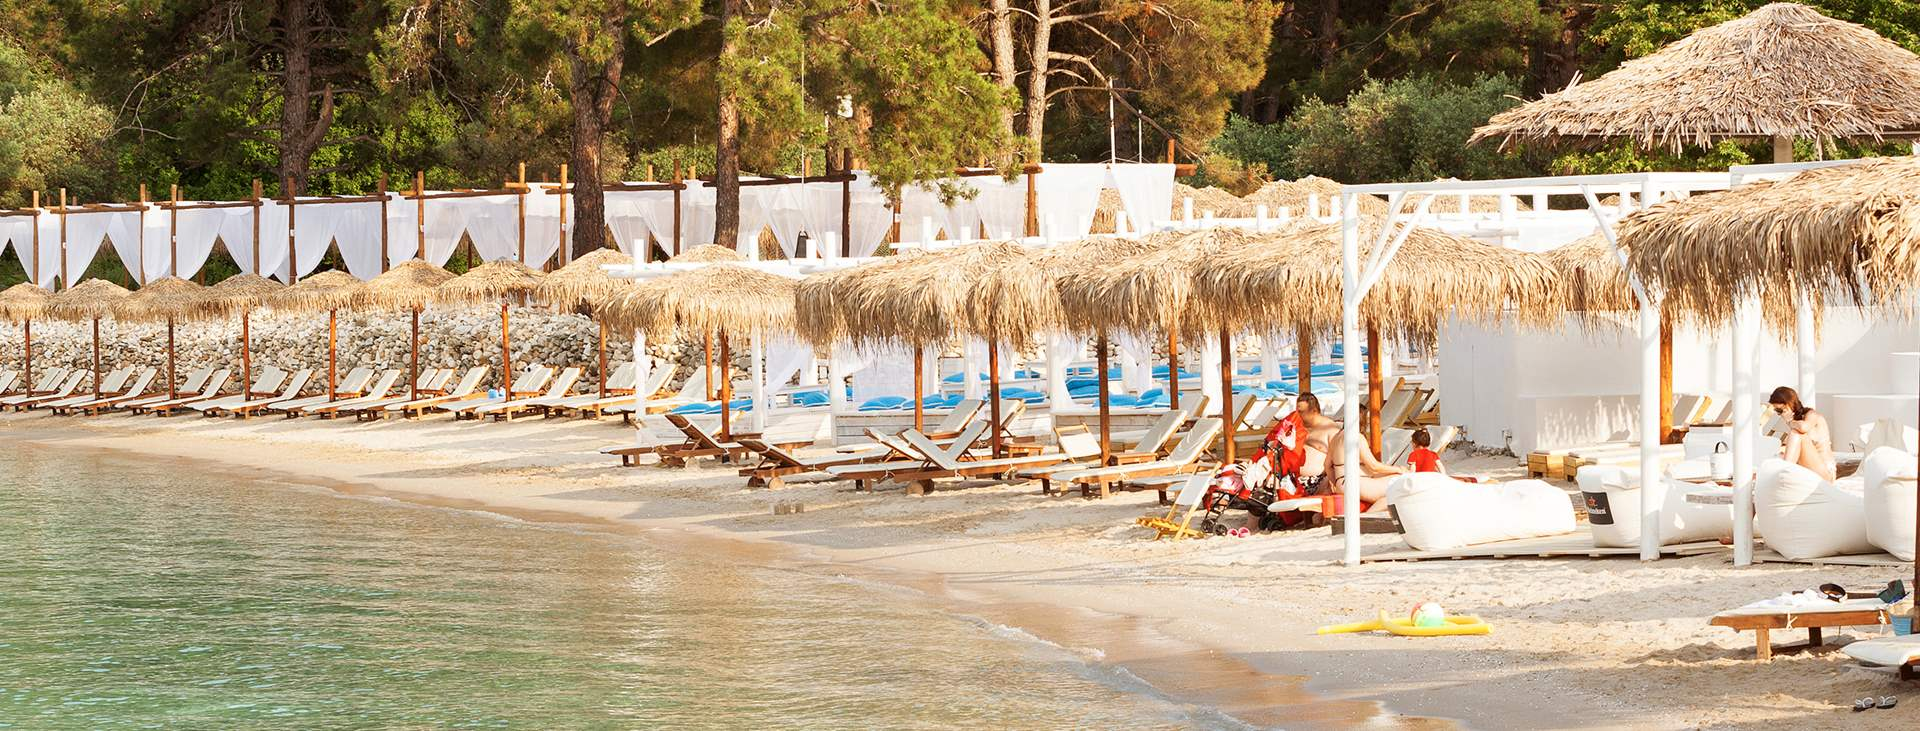 Boka din resa till Thassos i Grekland med Ving